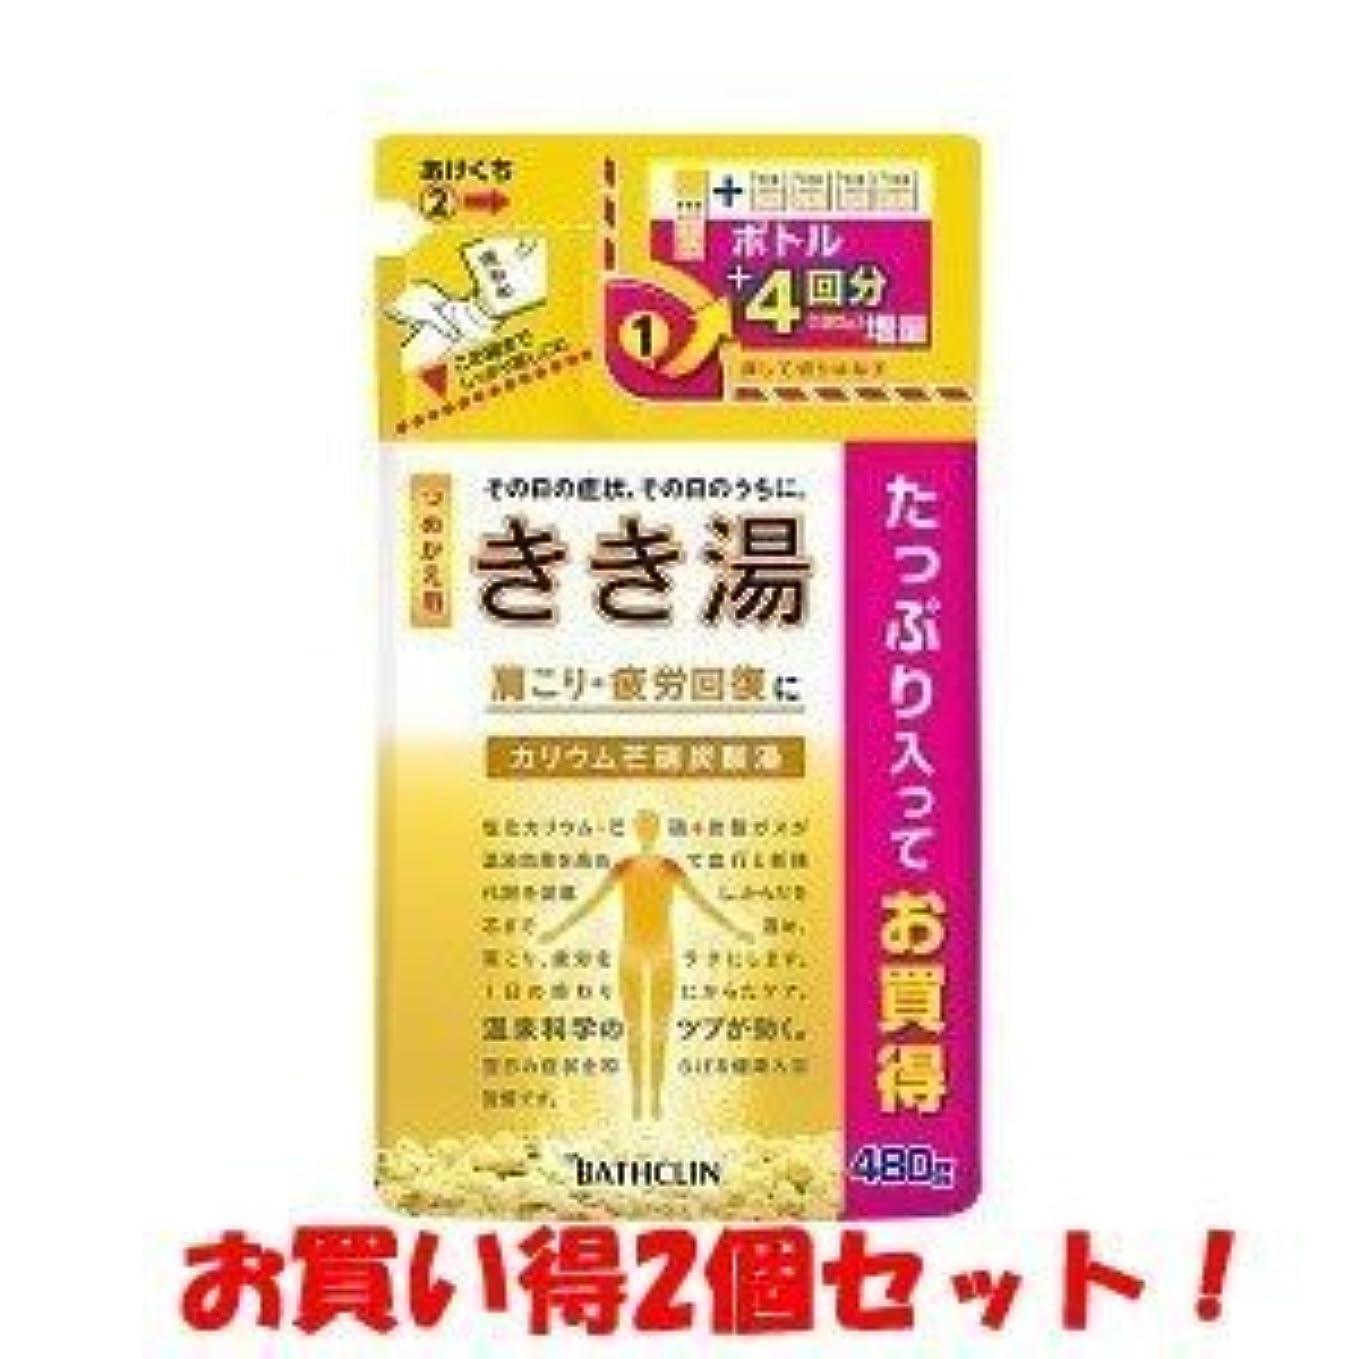 甘味ぼかしコロニー(バスクリン)きき湯 カリウム芒硝炭酸湯 つめかえ用 480g(医薬部外品)(お買い得2個セット)